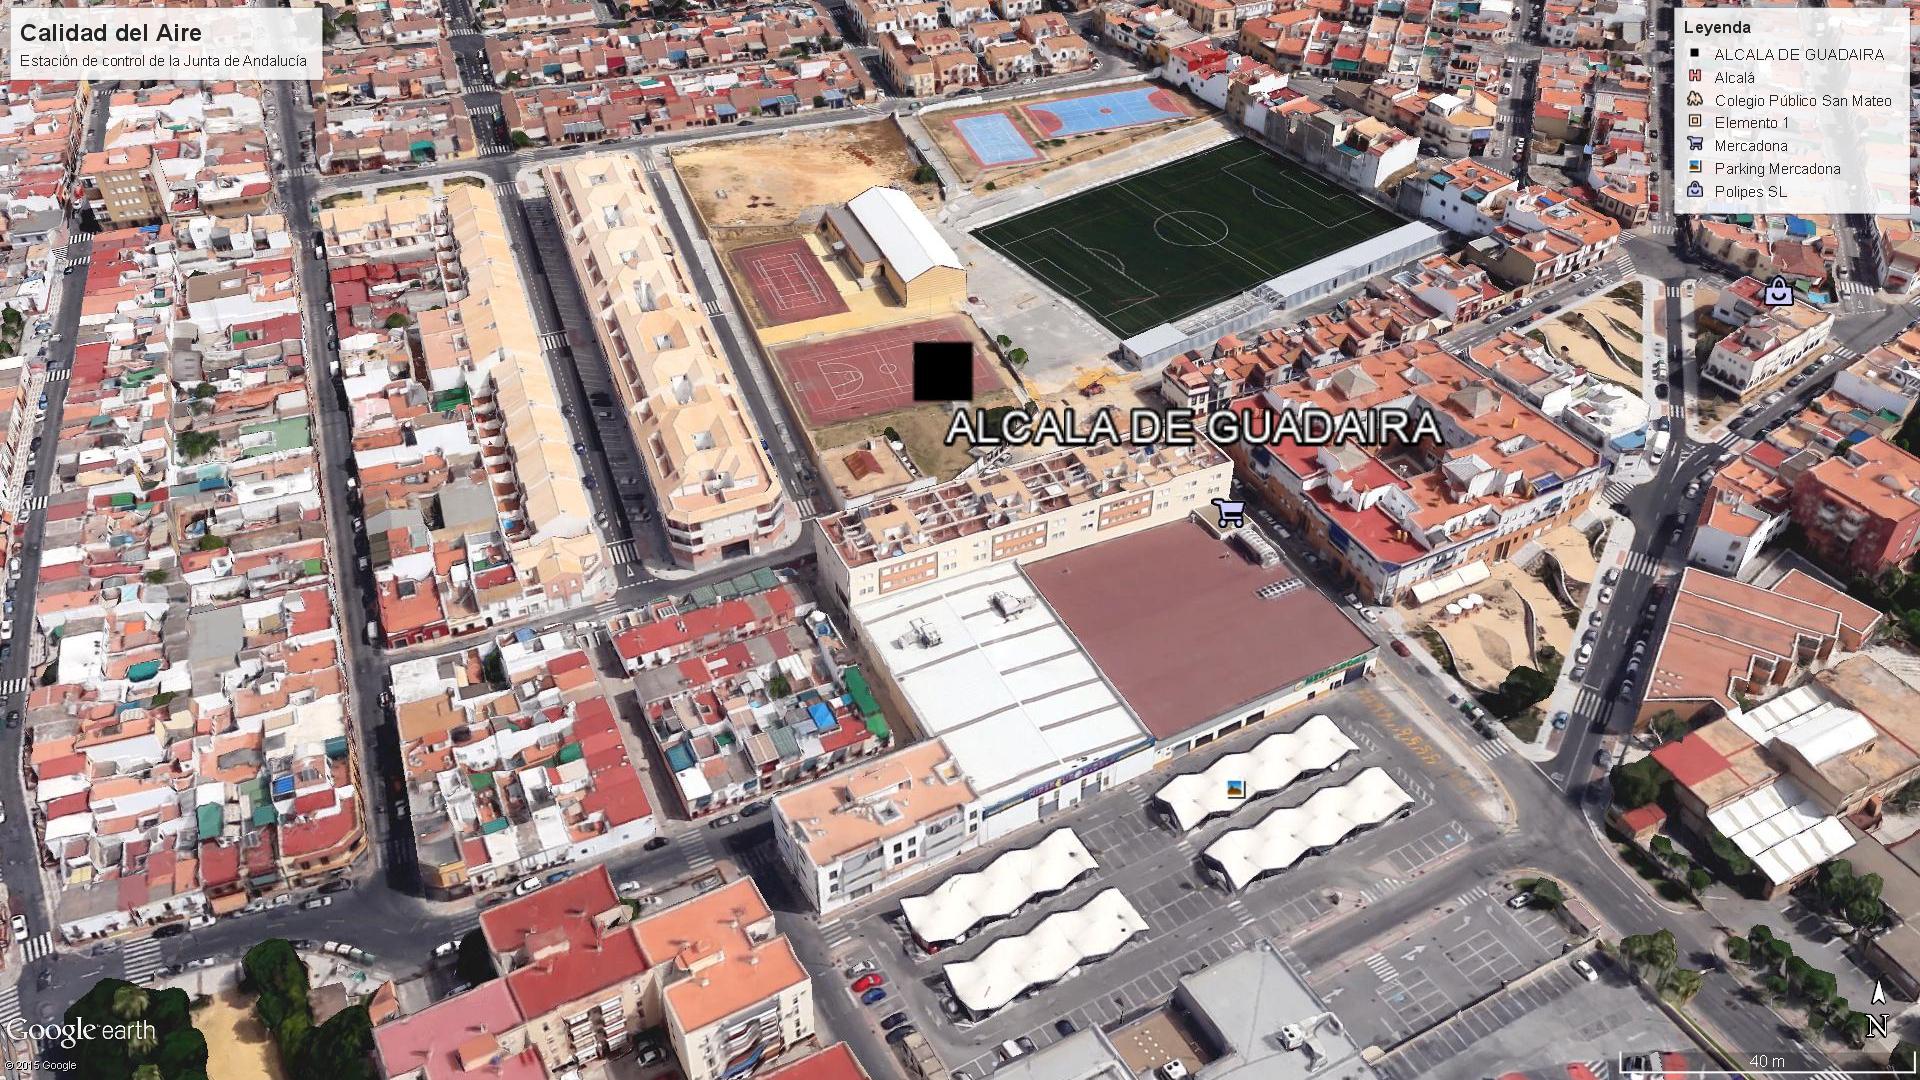 Lugar de las coordenadas donde la Junta de Andalucía dice que está la estación de Vigilacia y Control de Calidad del Aire en Alcalá